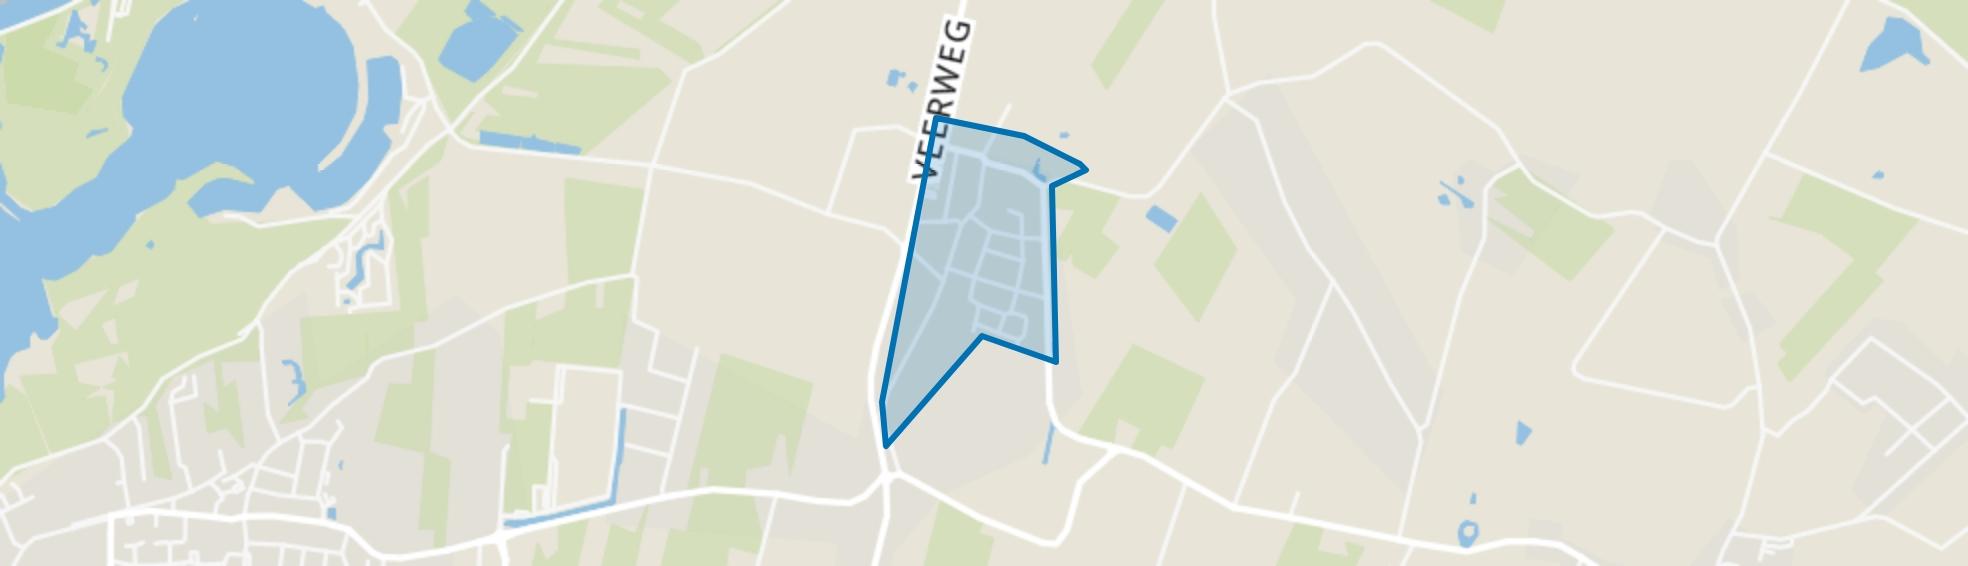 Eck en Wiel, Eck en Wiel map